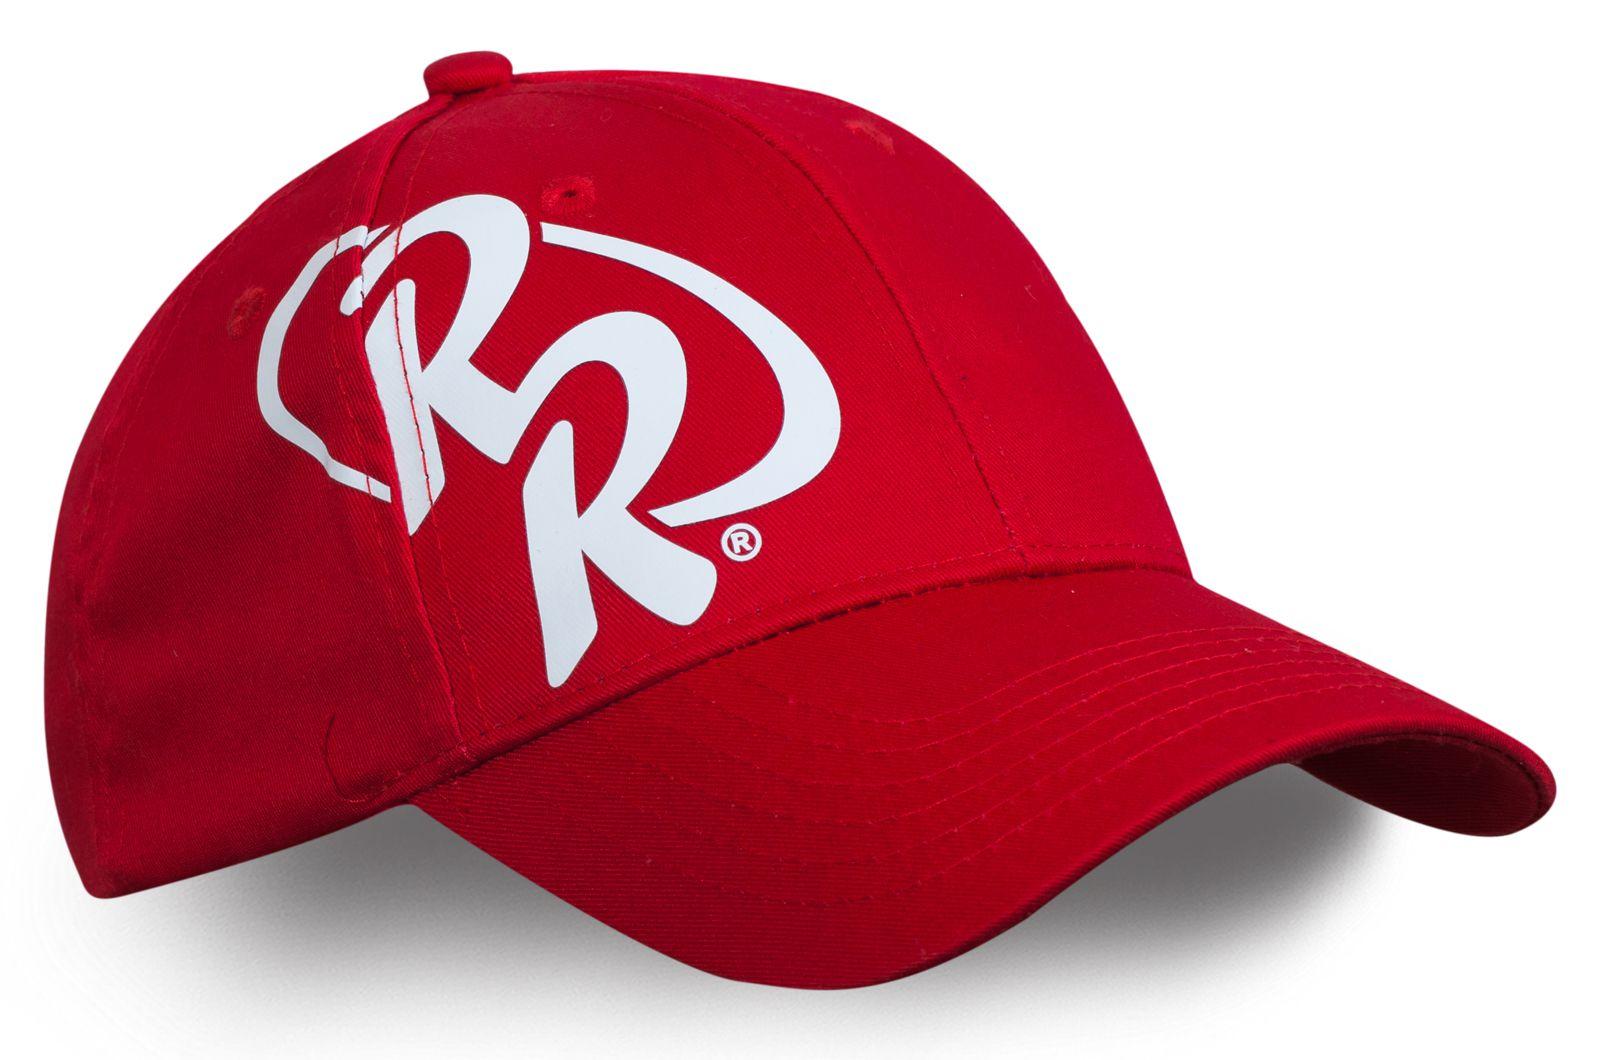 Брендовая бейсболка Красноглазый Носорог Redeye Rhino - купить по низкой цене